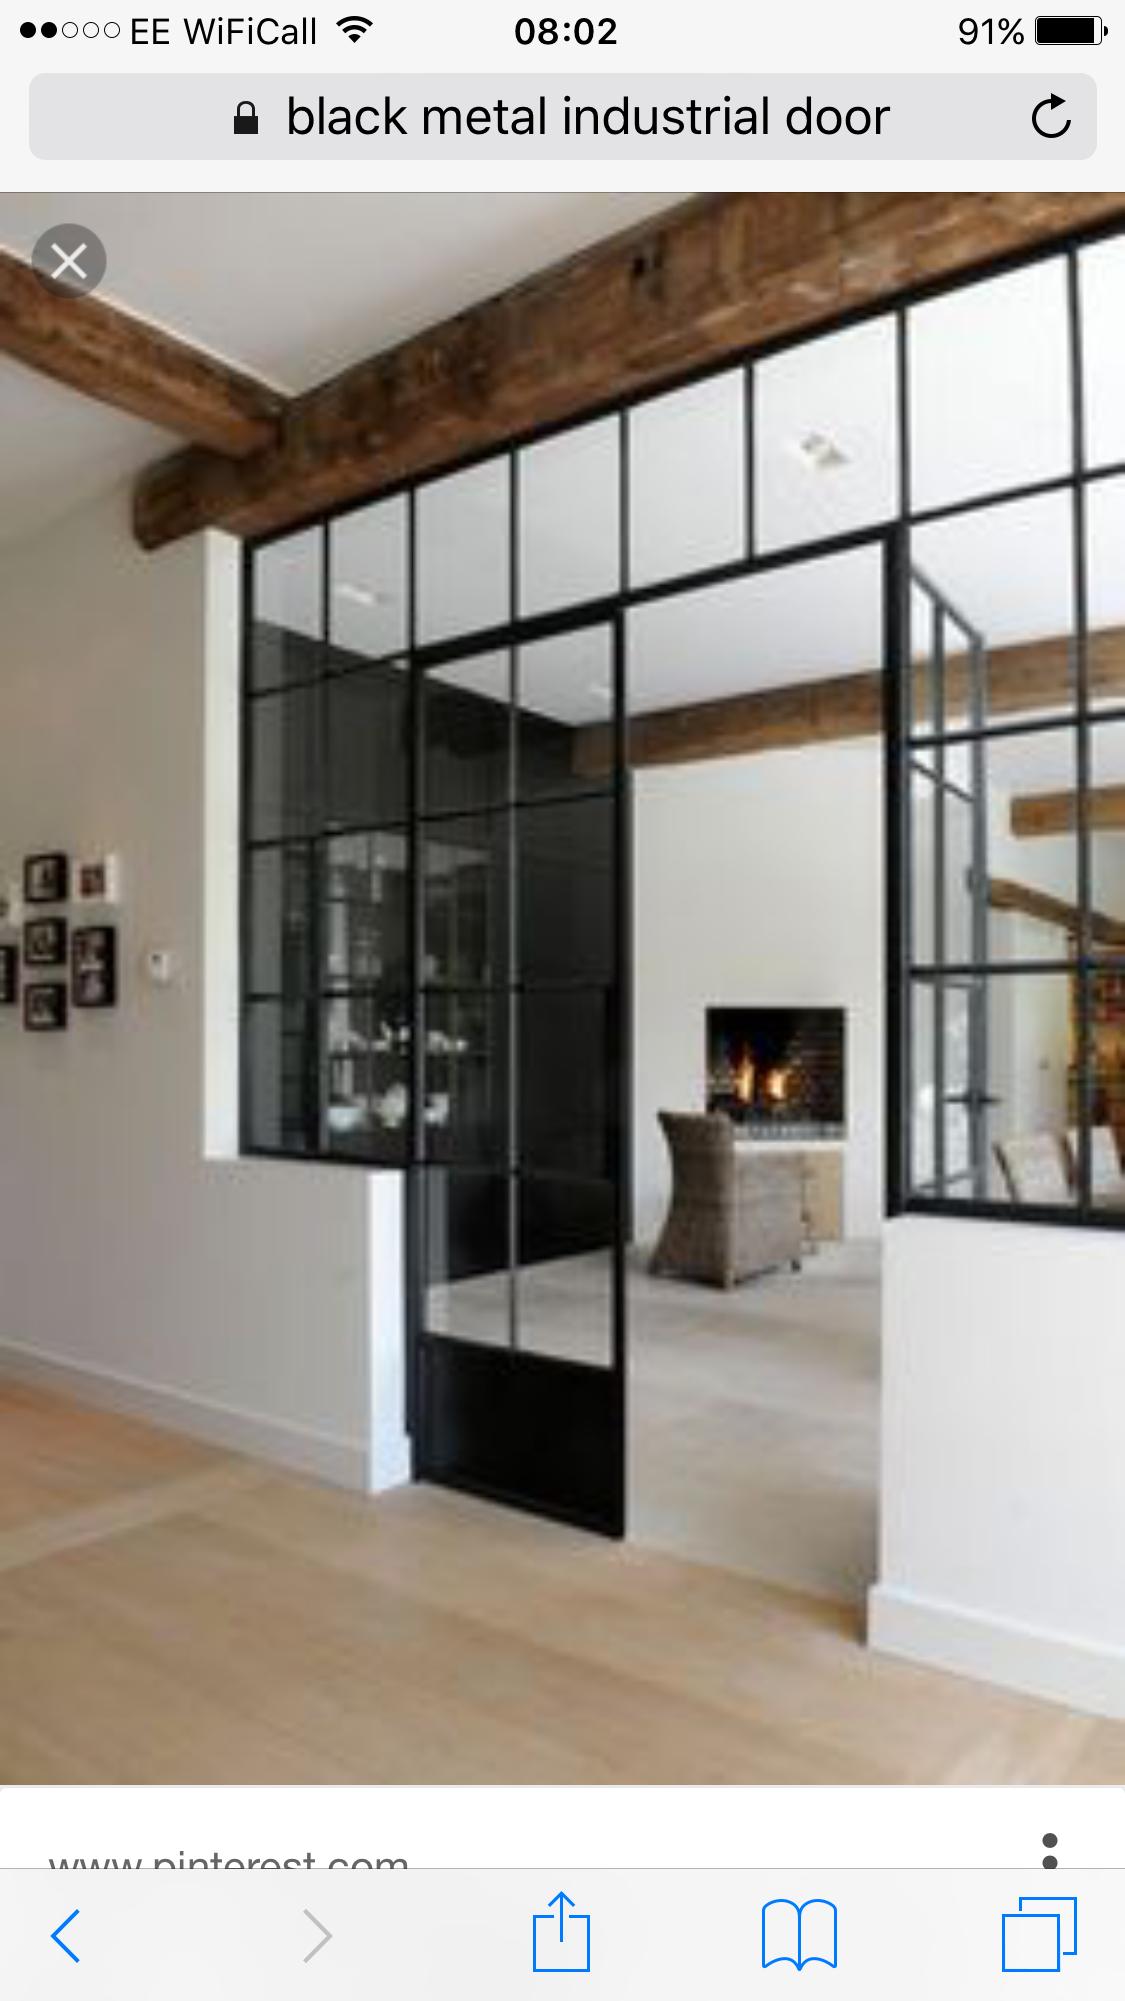 Window wall für zwischenetage in pinterest doors